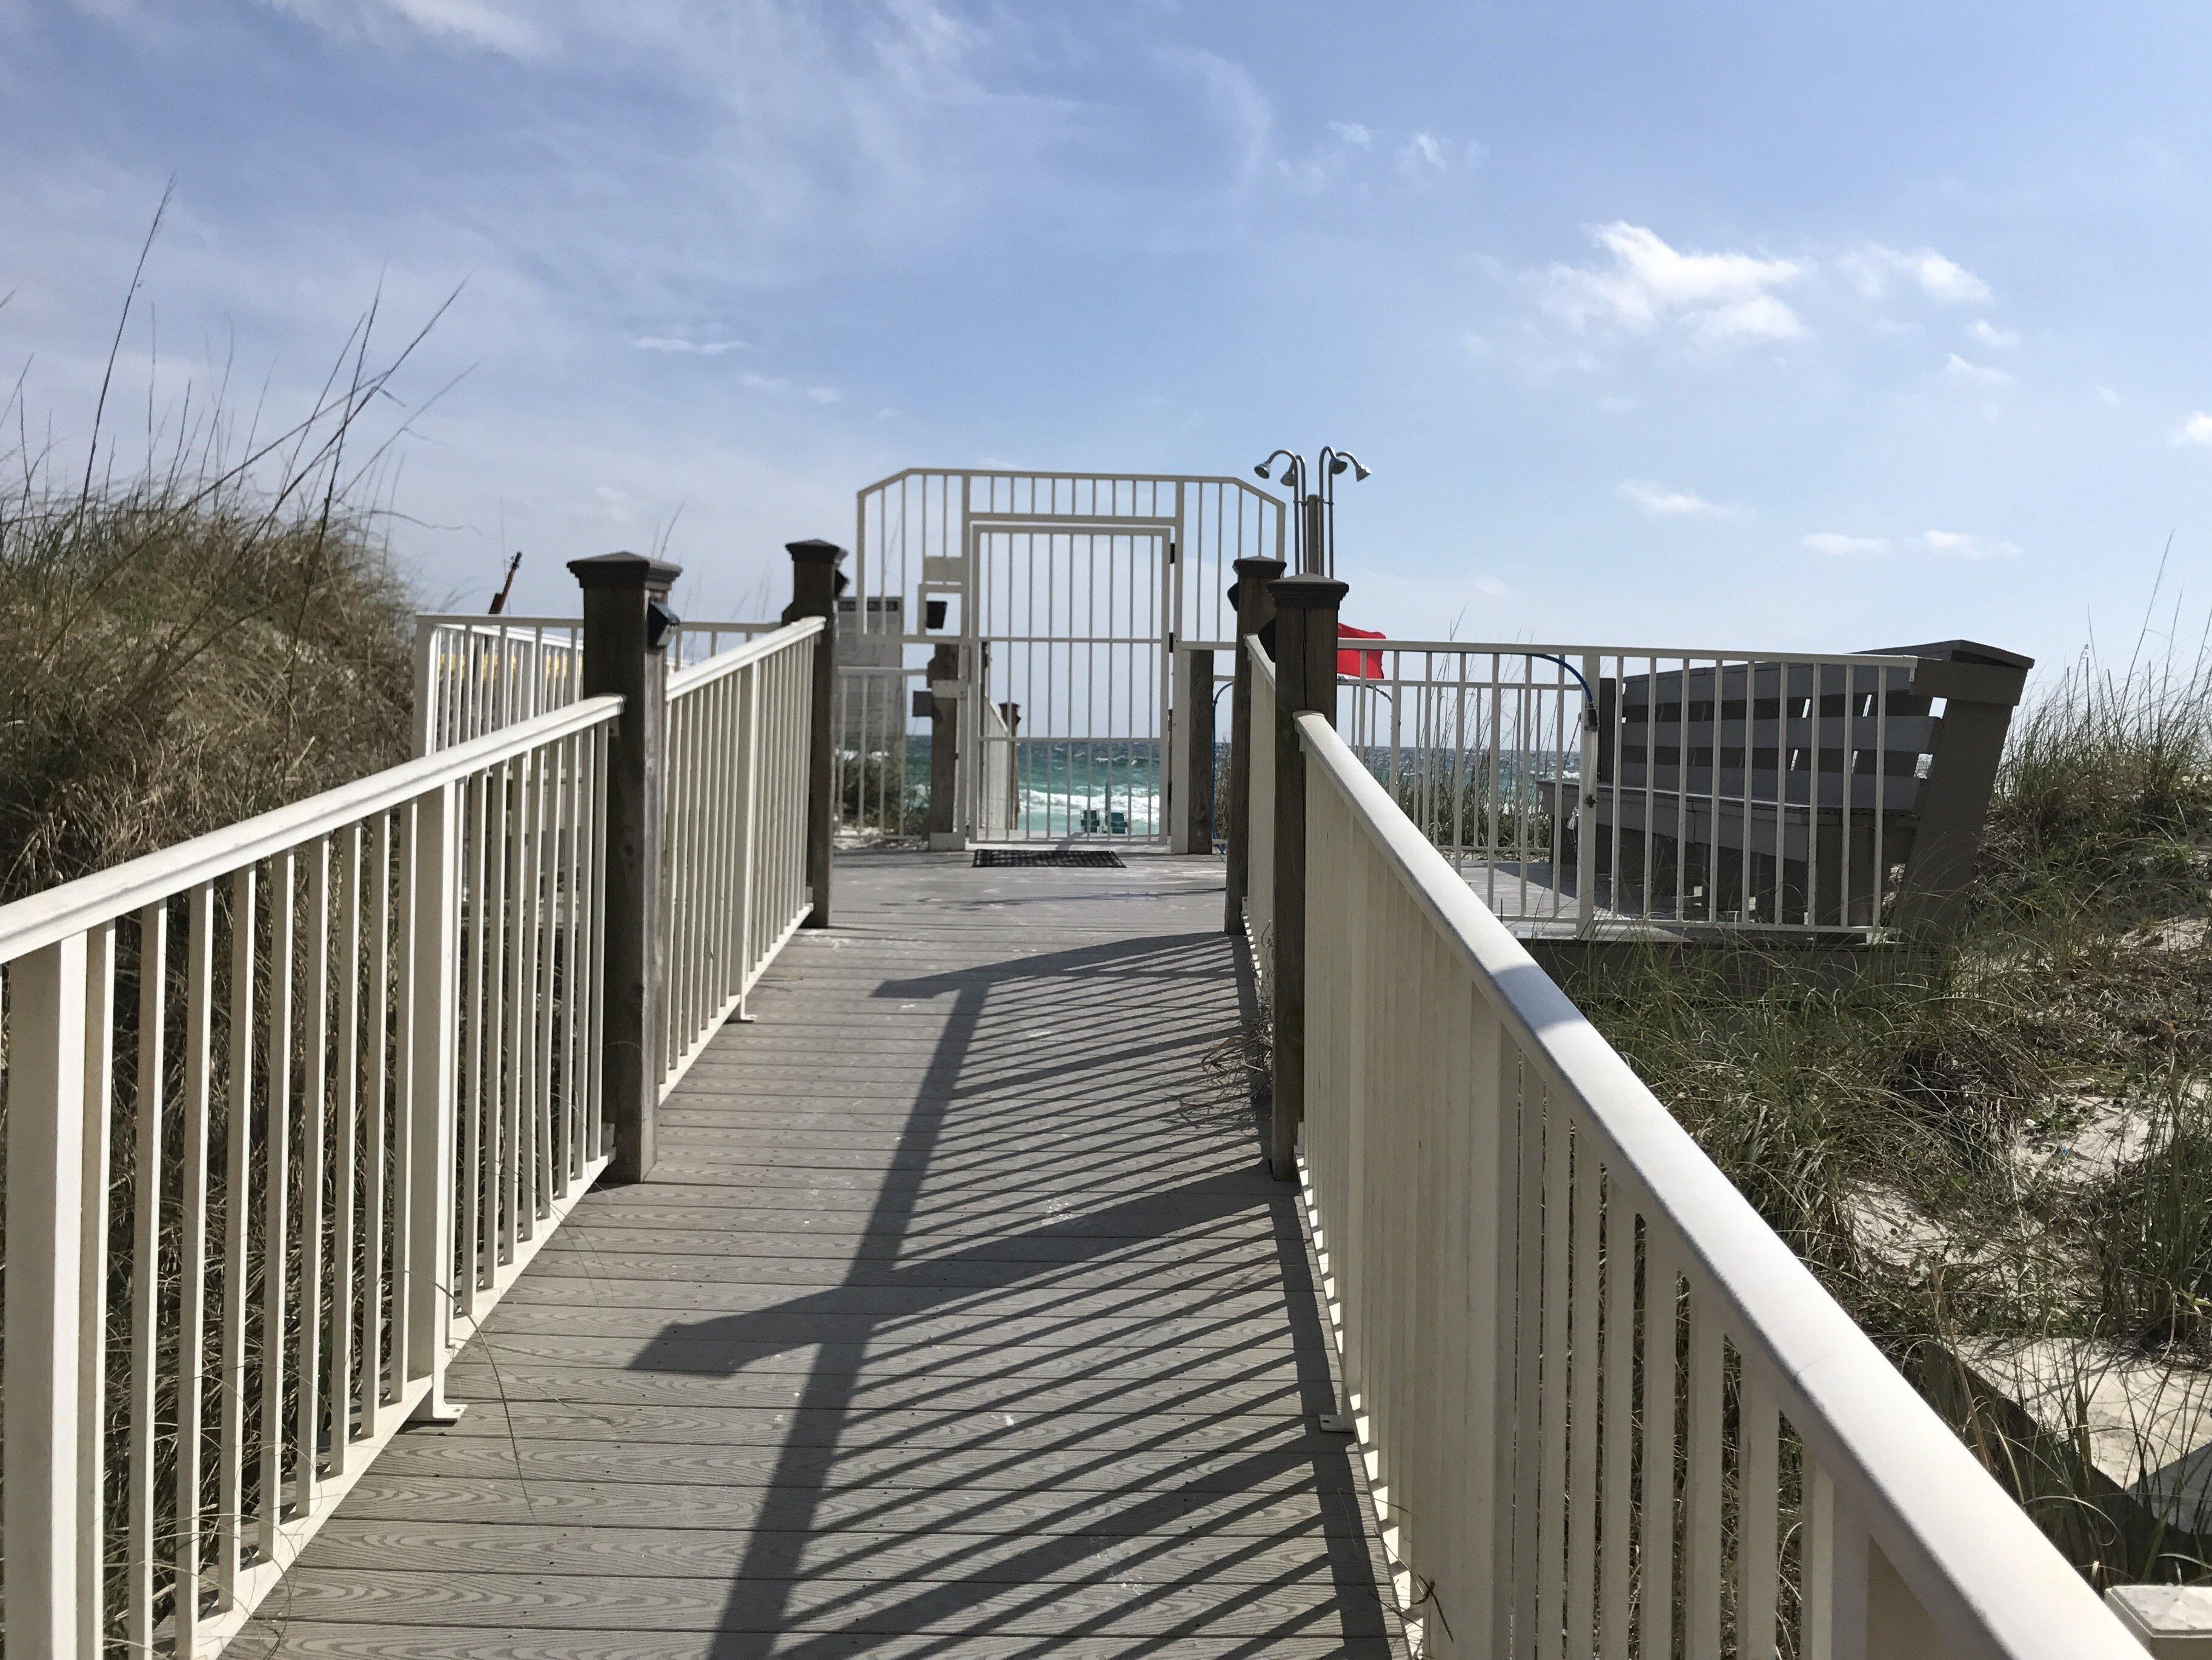 boardwalk at sandnsol destin condo